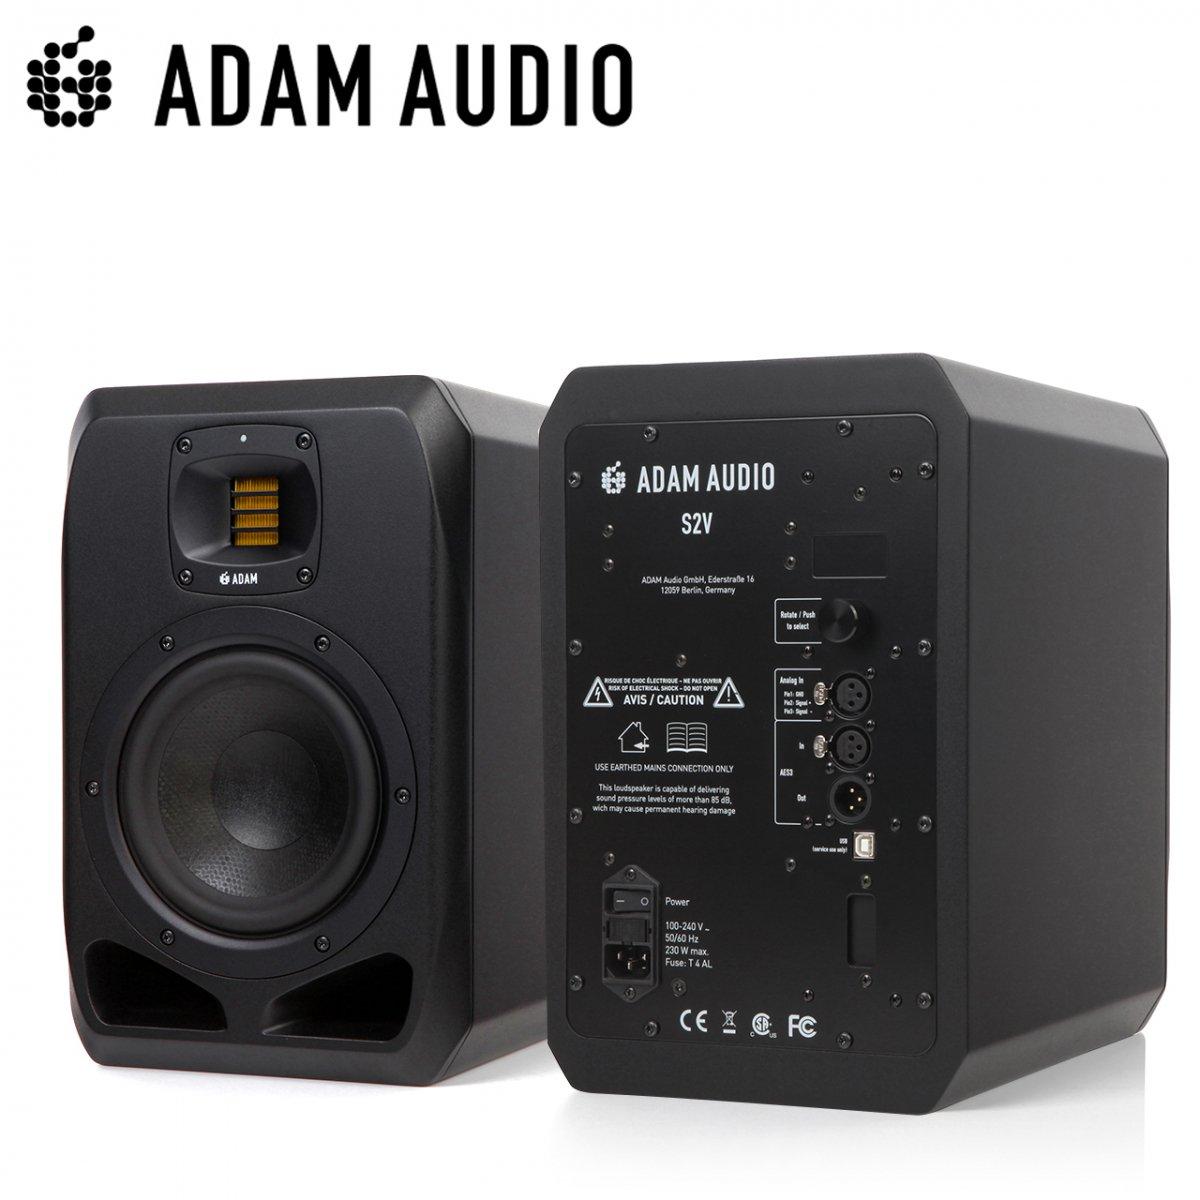 ADAM AUDIO S2V リファレンスモニター【1台】